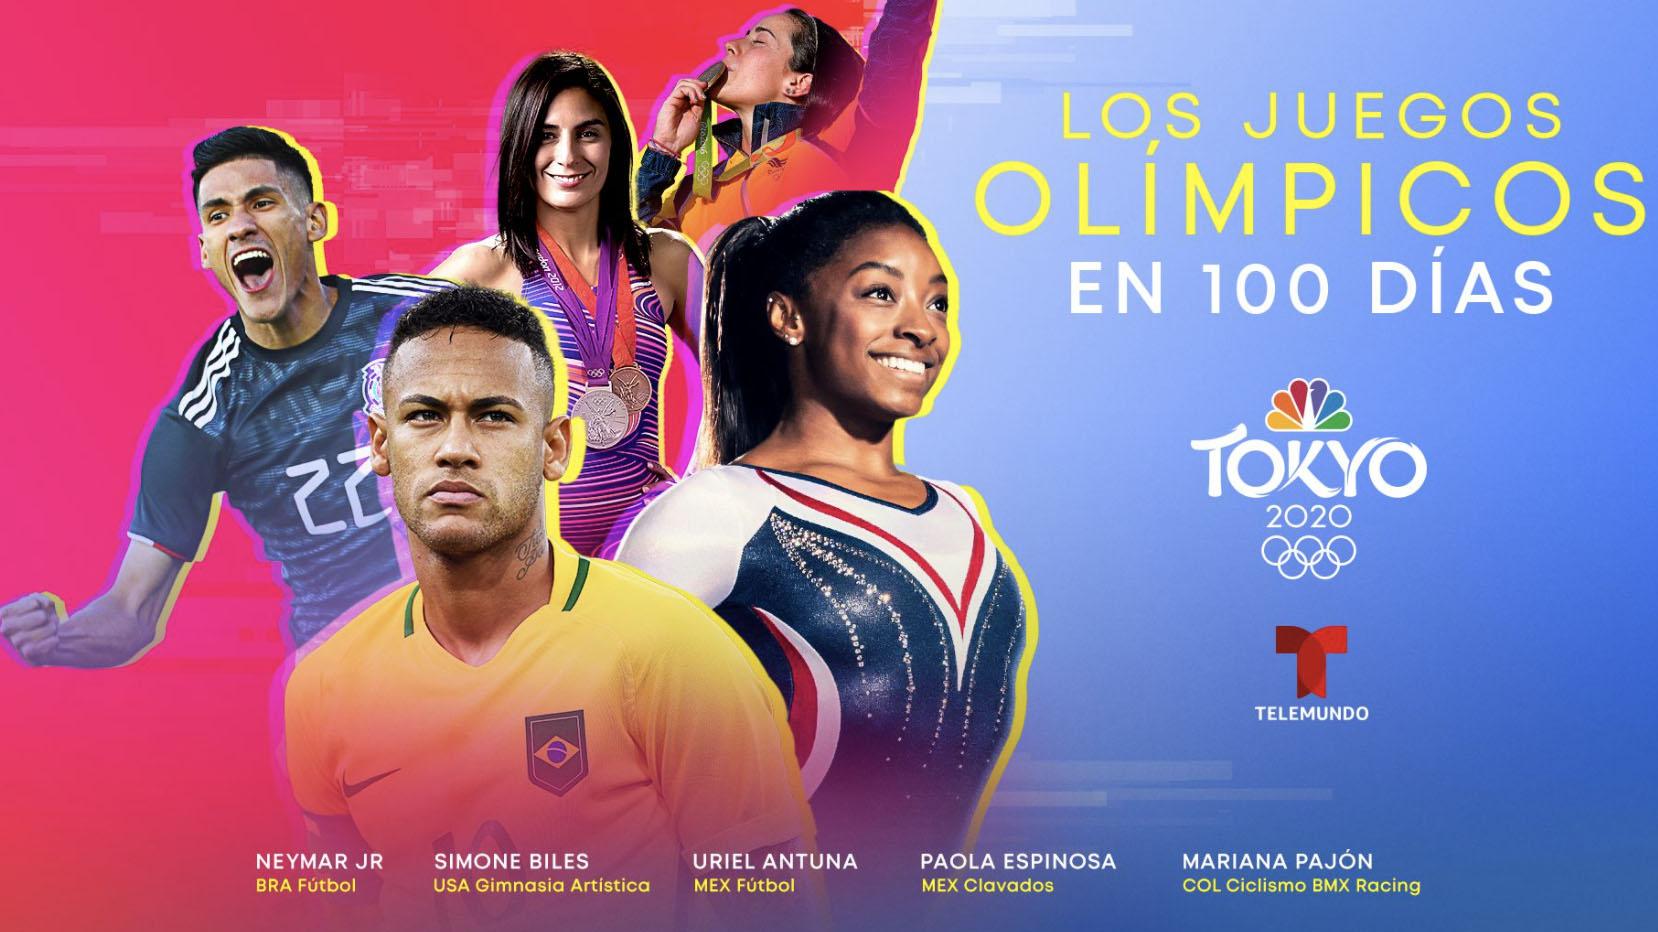 Tokio 2020: faltan 100 días para que el mundo vuelva a vibrar con los Juegos Olímpicos